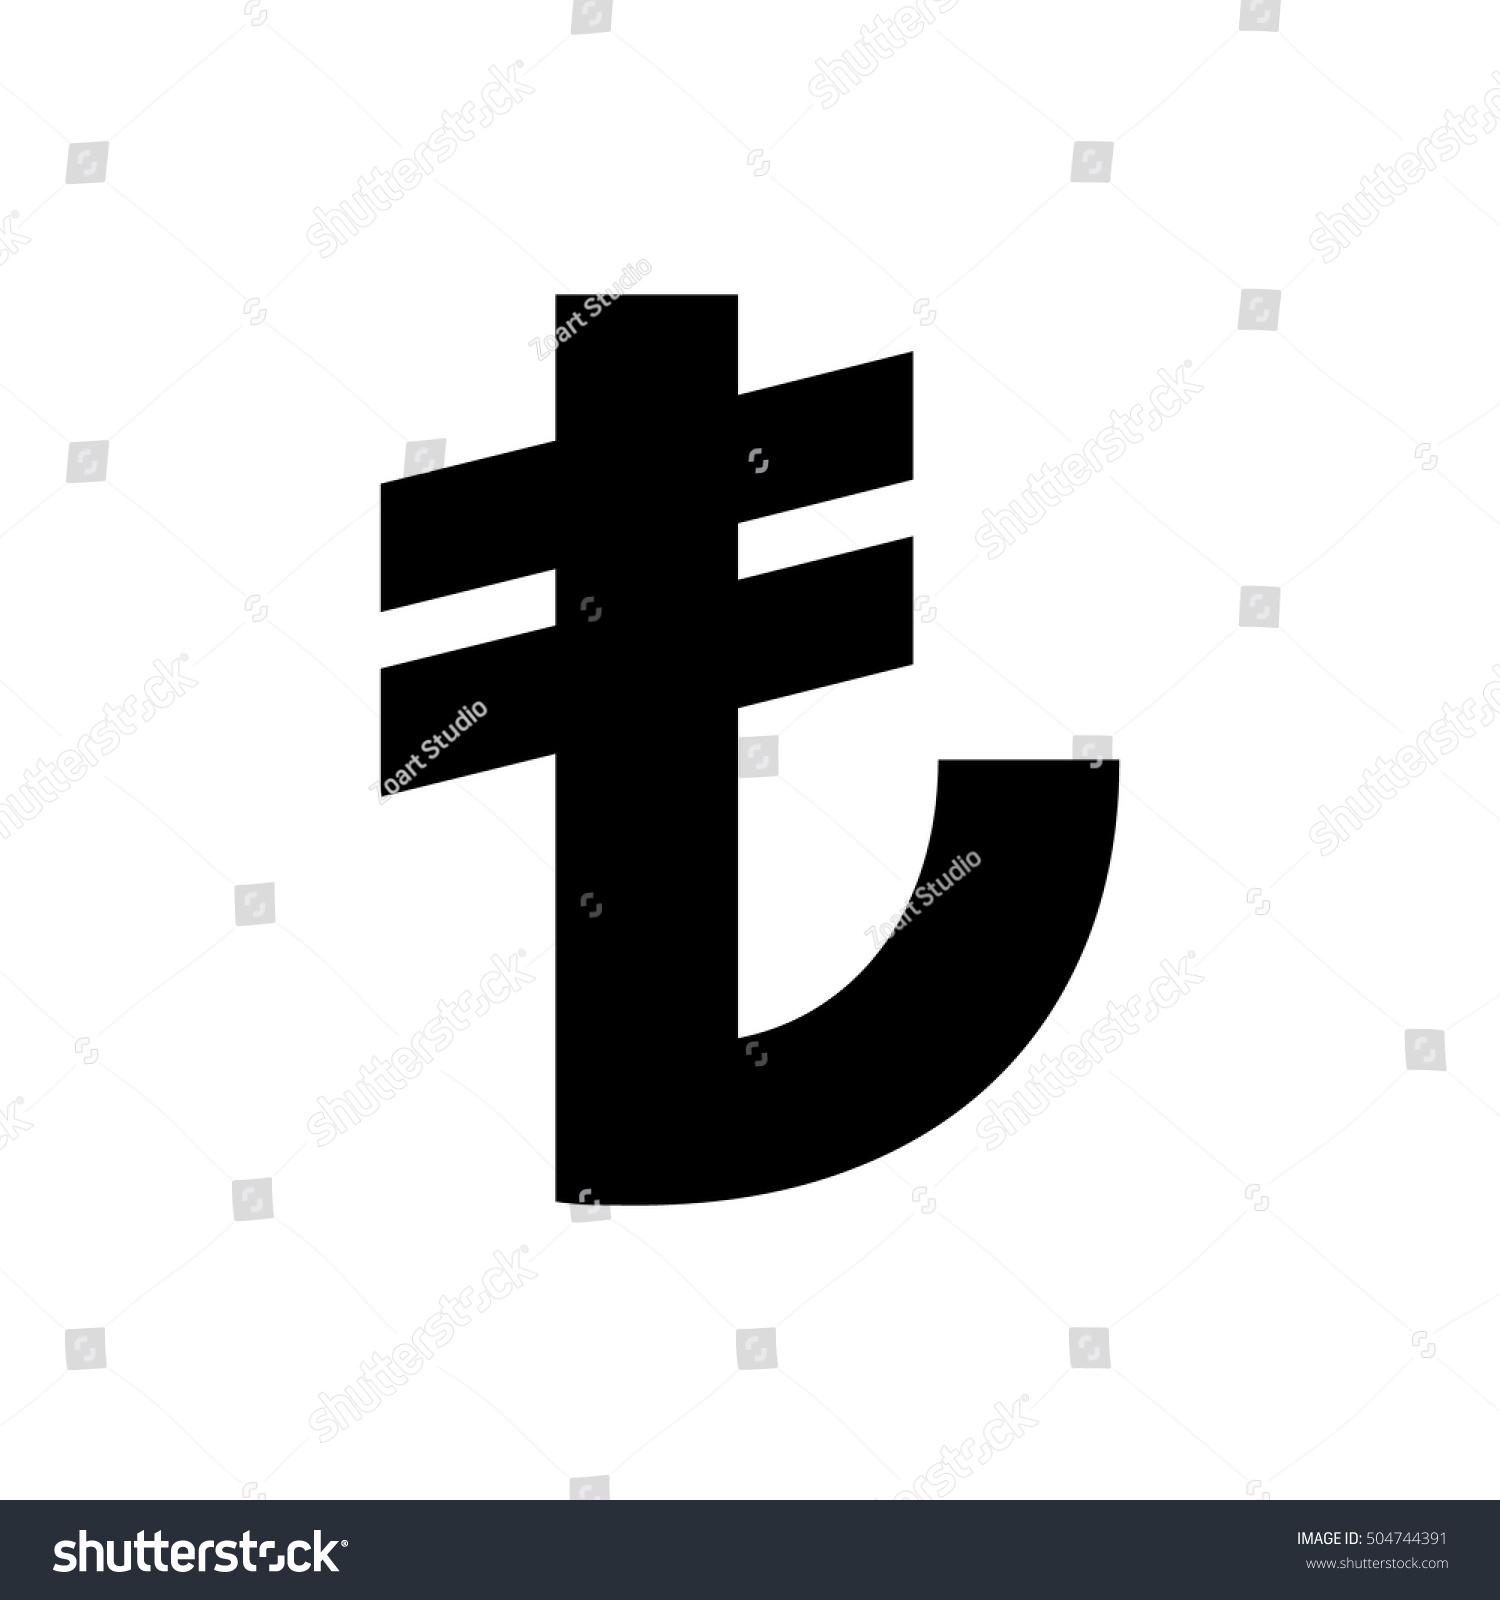 Turkish lira sign turkish currency symbol stock vector 504744391 turkish lira sign turkish currency symbol buycottarizona